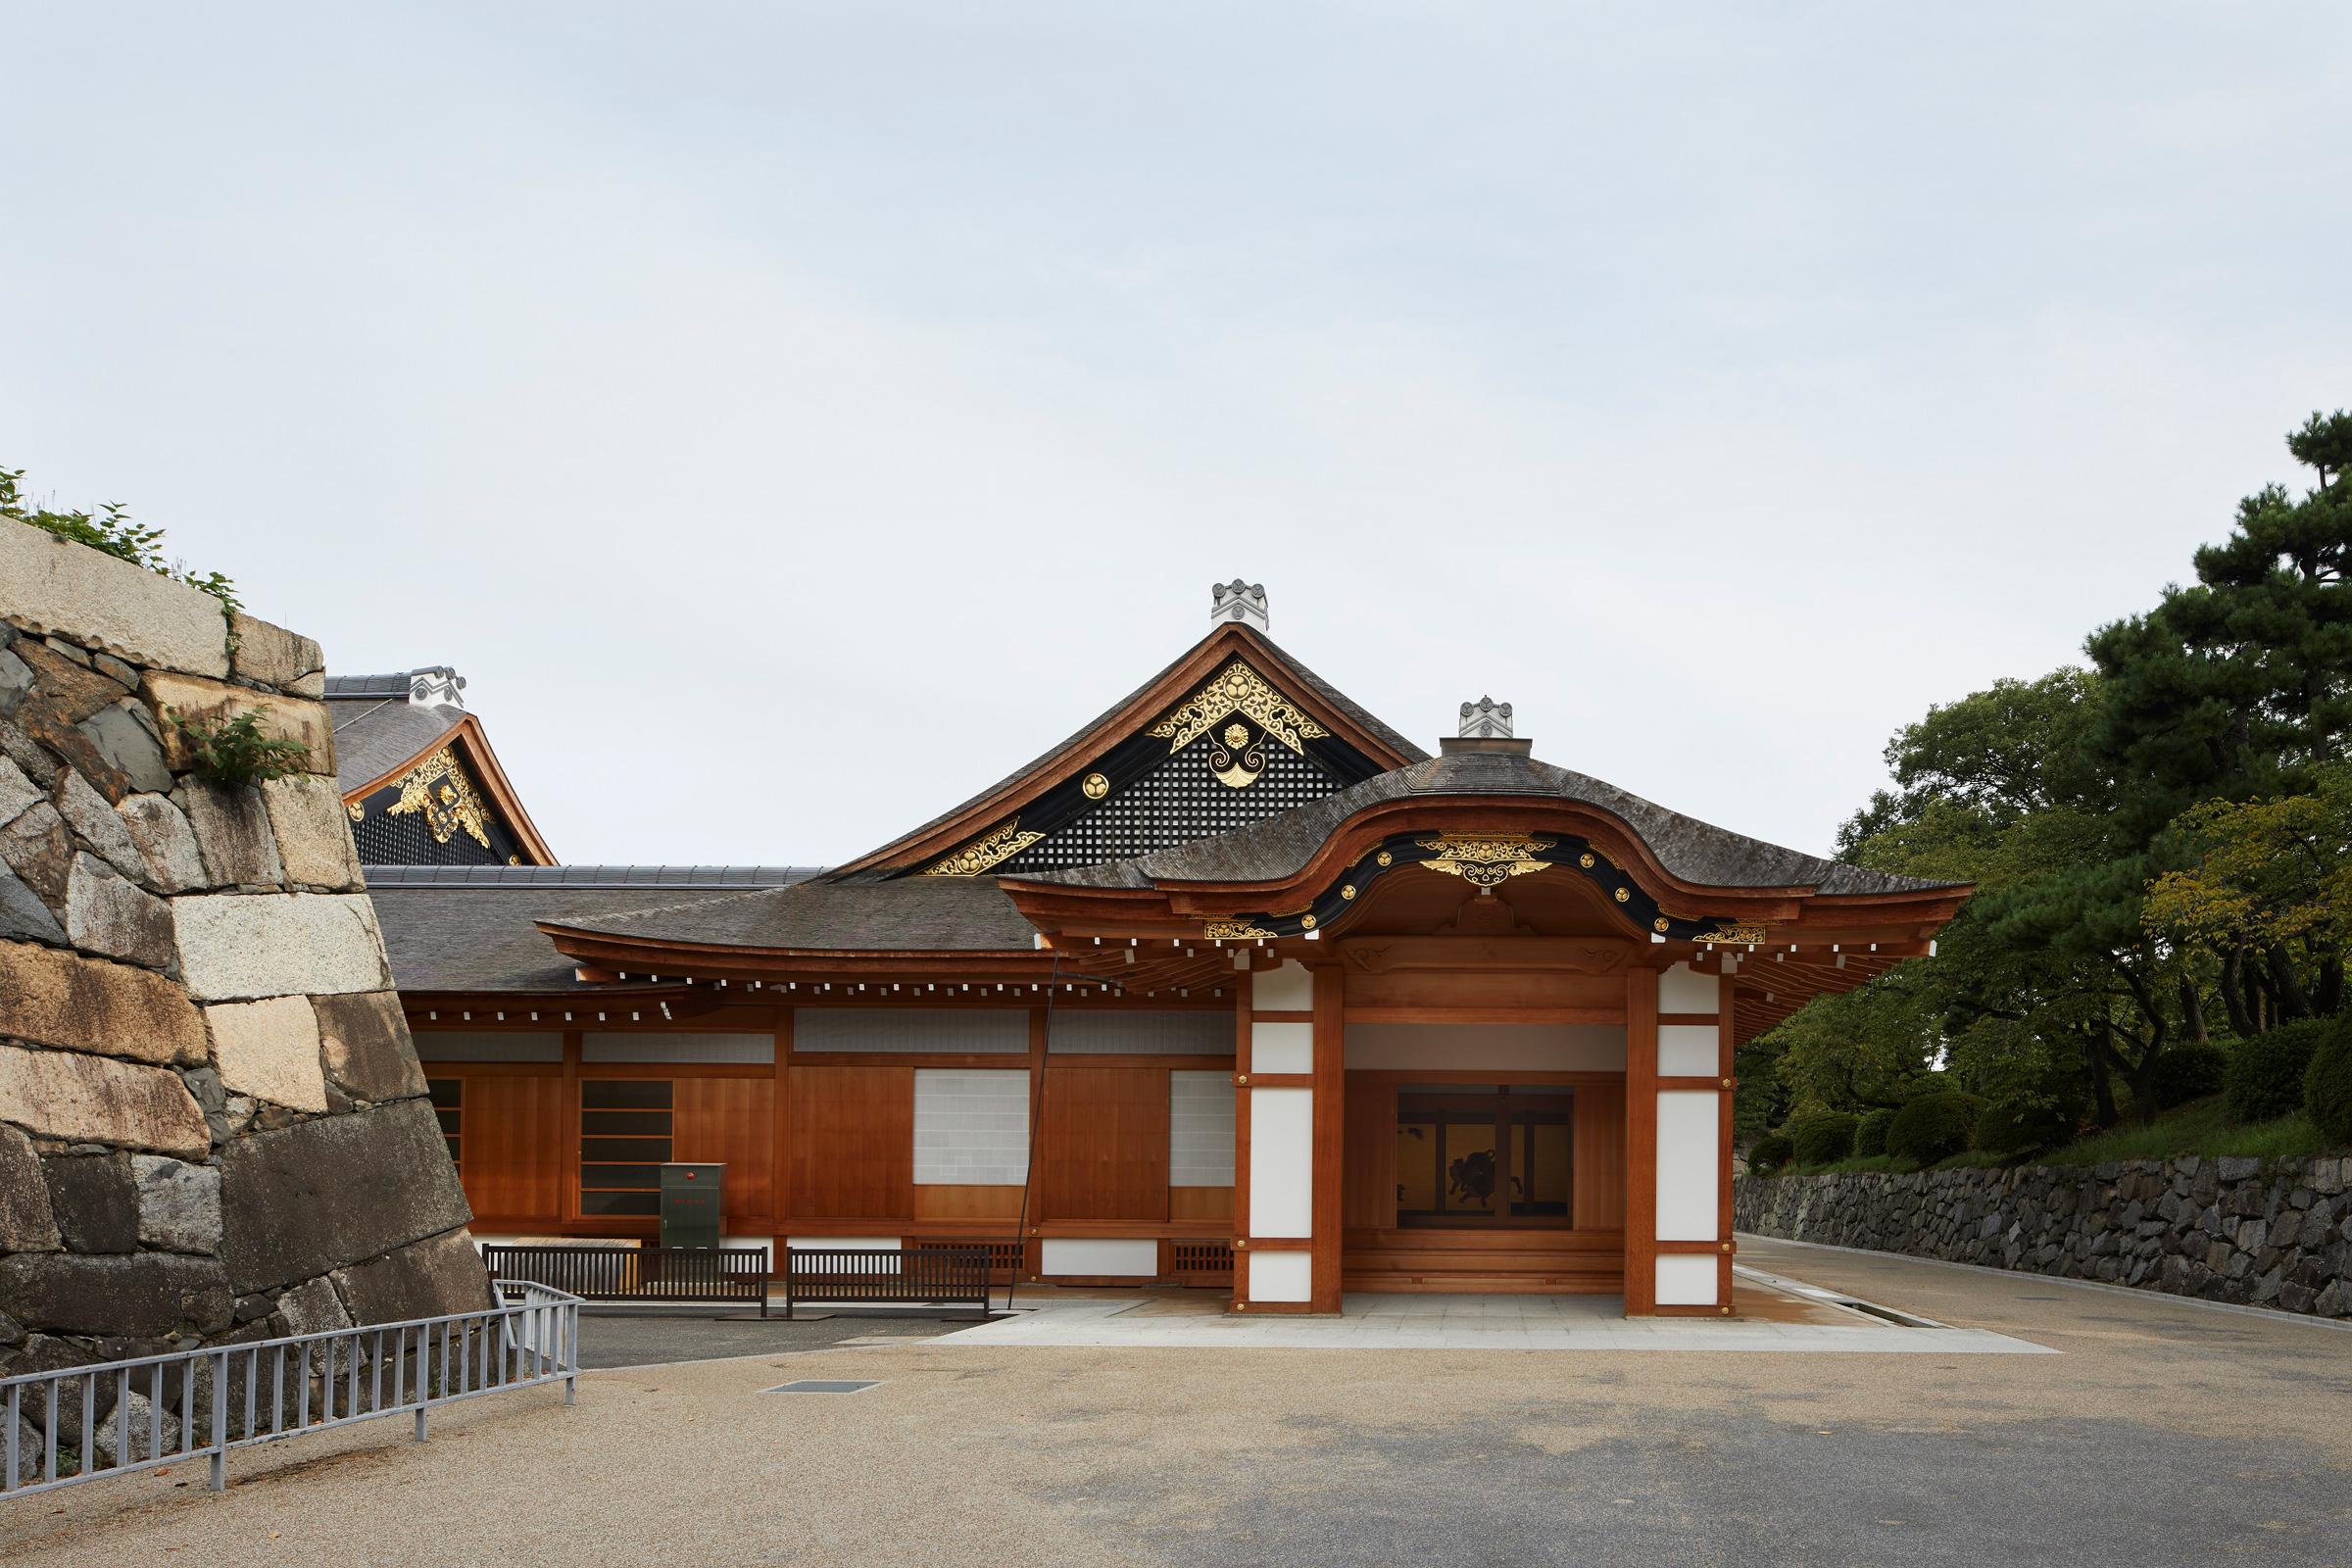 名古屋城公式おみやげ「NAGOYA CASTLE」シリーズ第1弾!